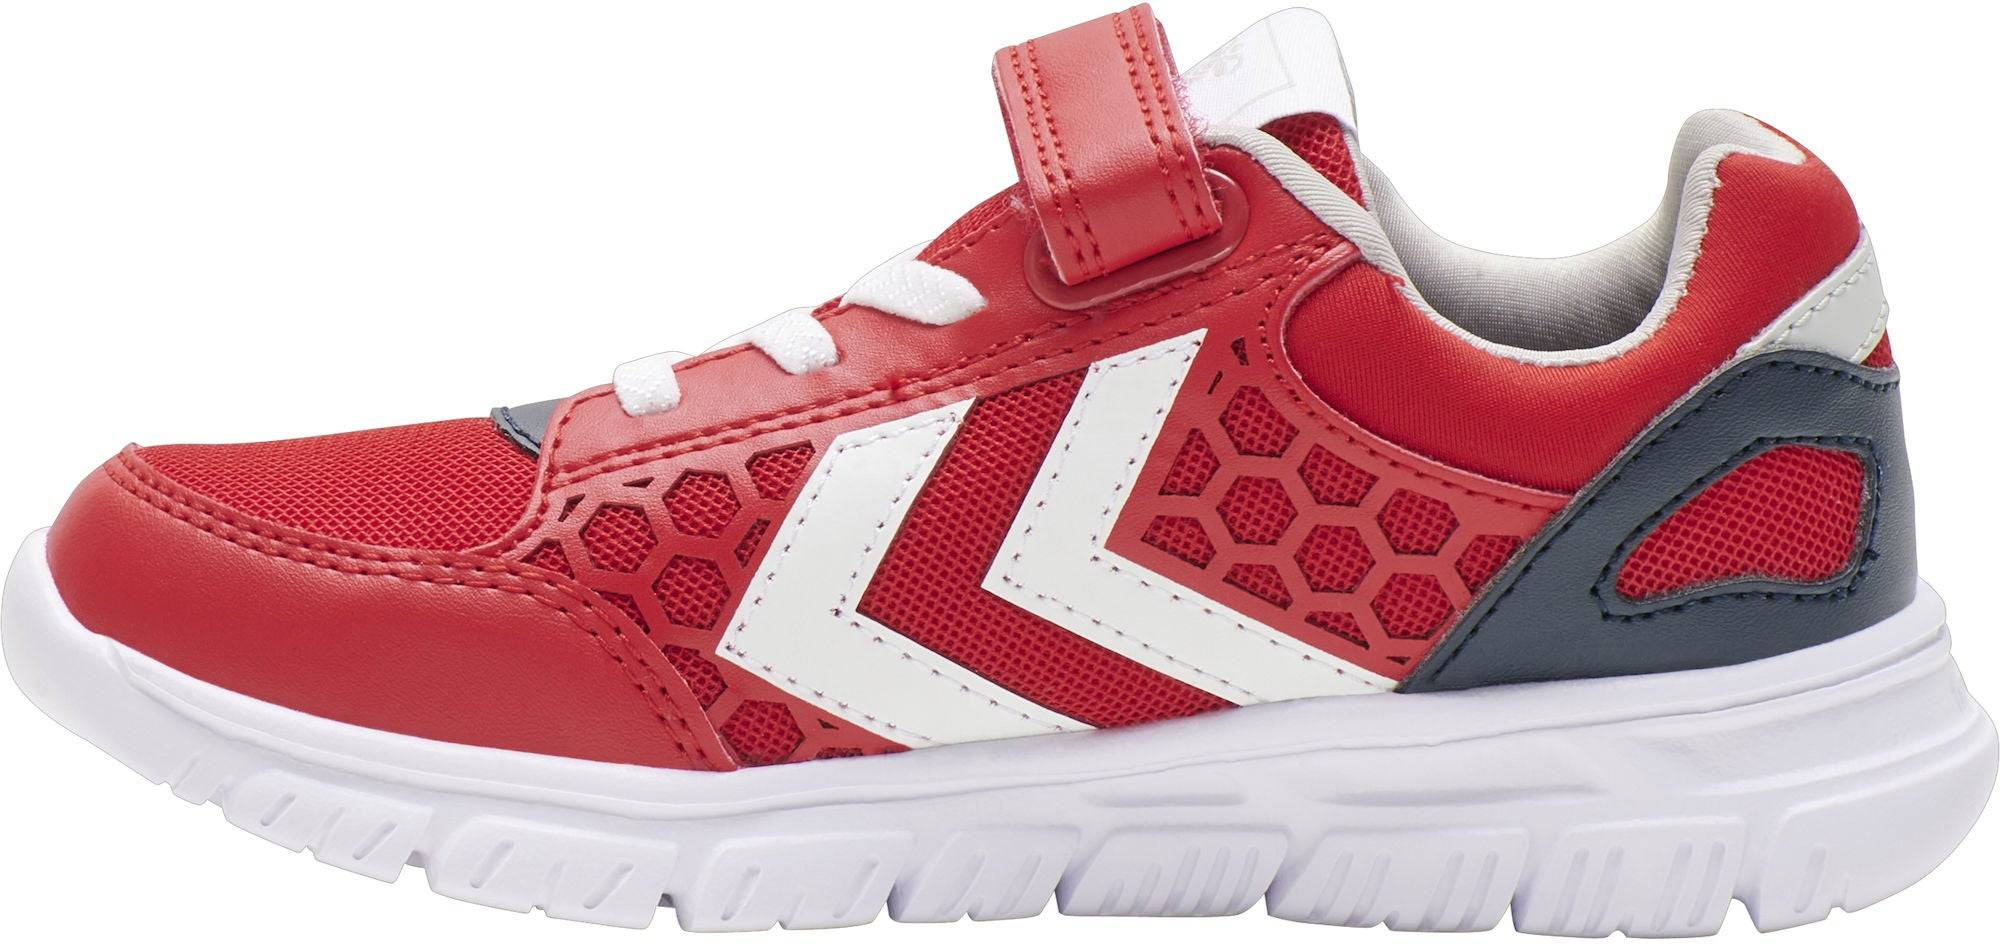 Hummel Crosslite Jr Sneaker, High Risk Red, 33